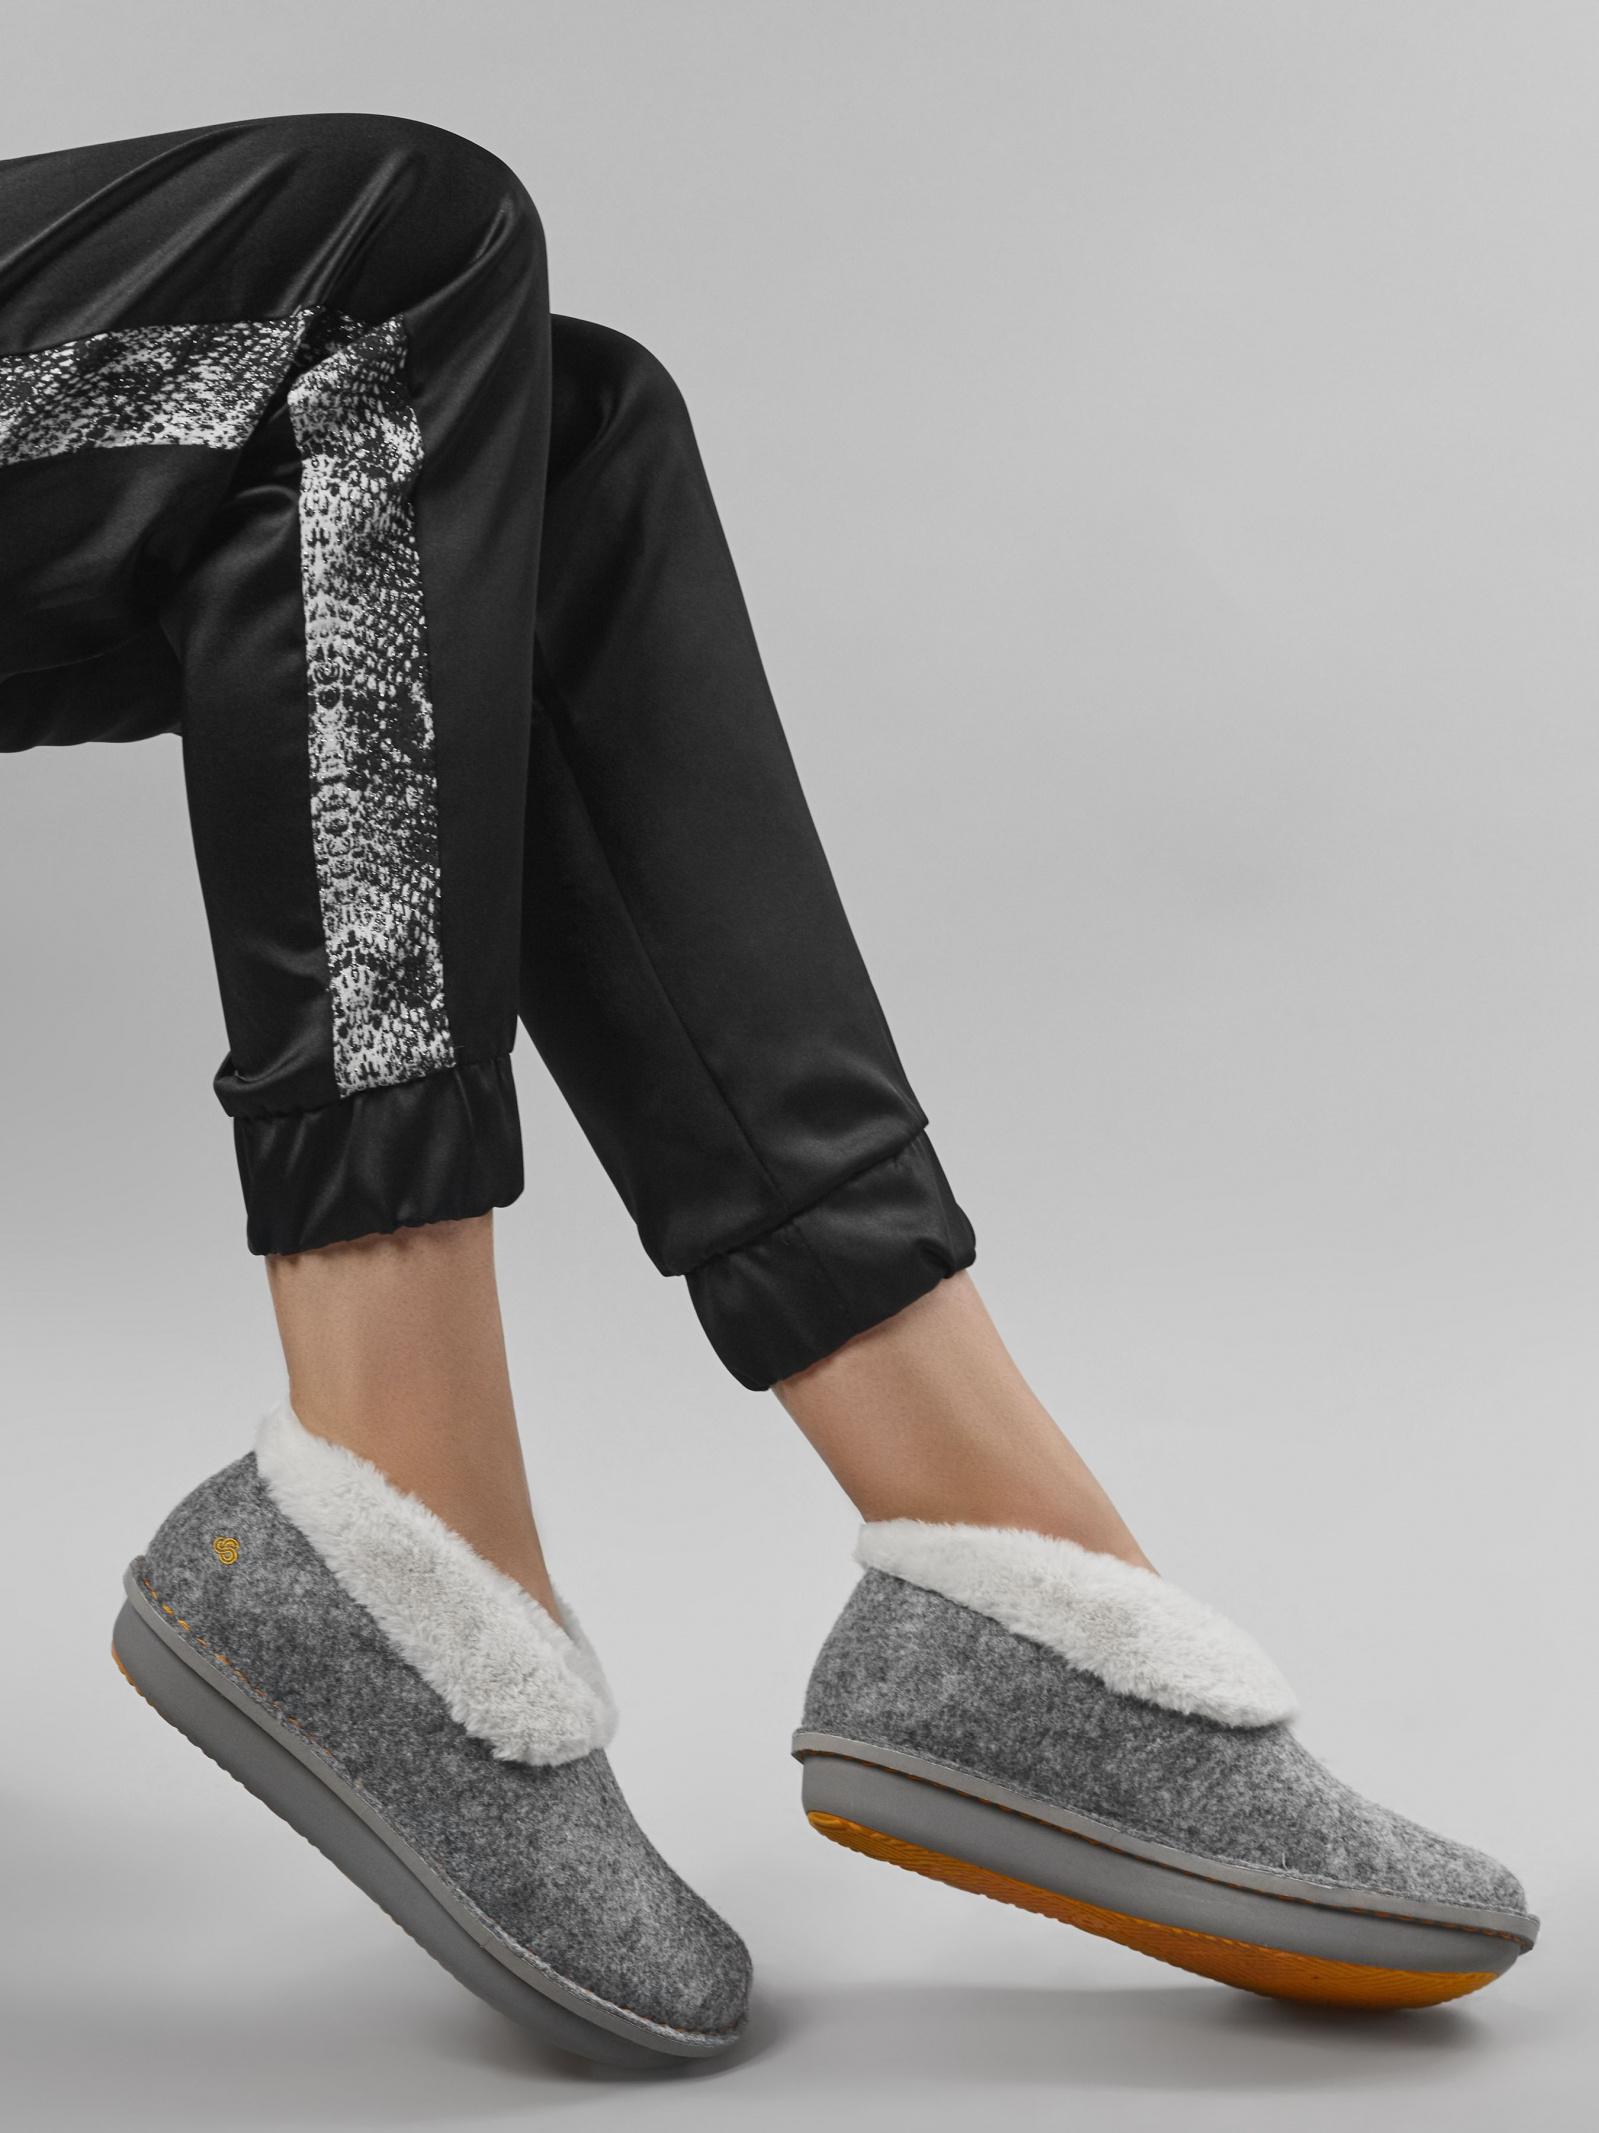 Ботинки для женщин Clarks Step Flow Low OW4509 купить, 2017